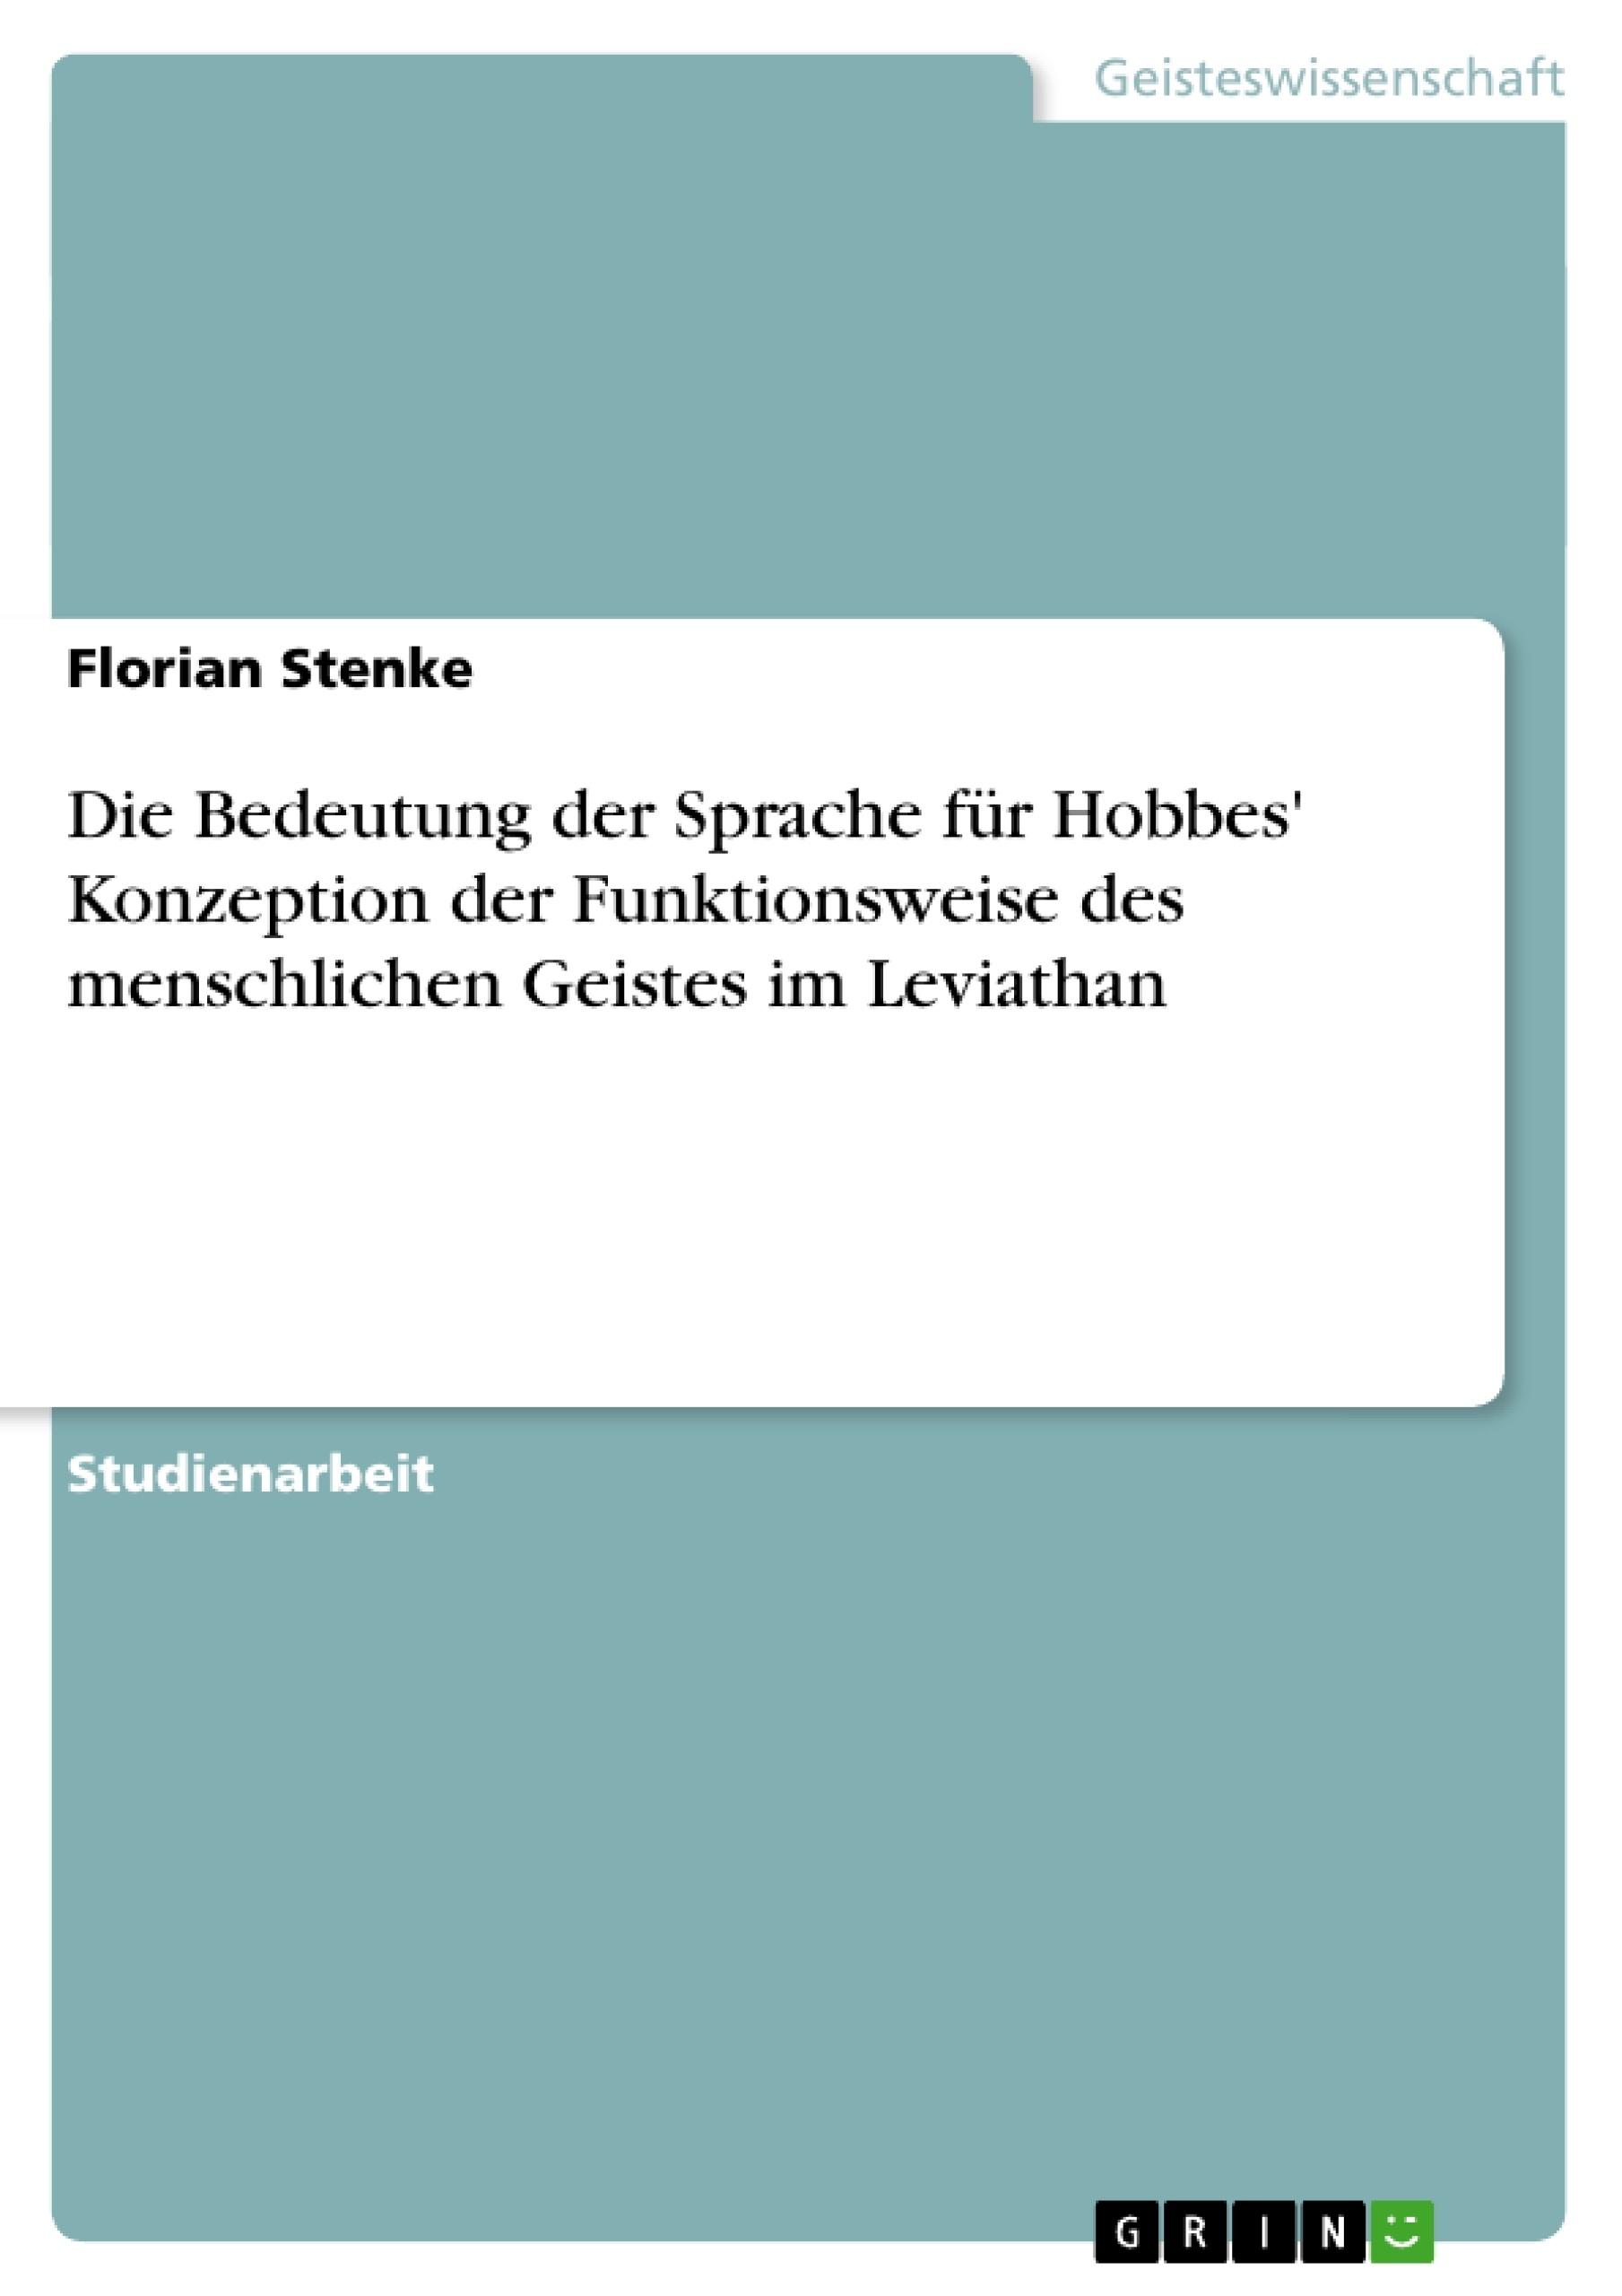 Titel: Die Bedeutung der Sprache für Hobbes' Konzeption der Funktionsweise des menschlichen Geistes im Leviathan